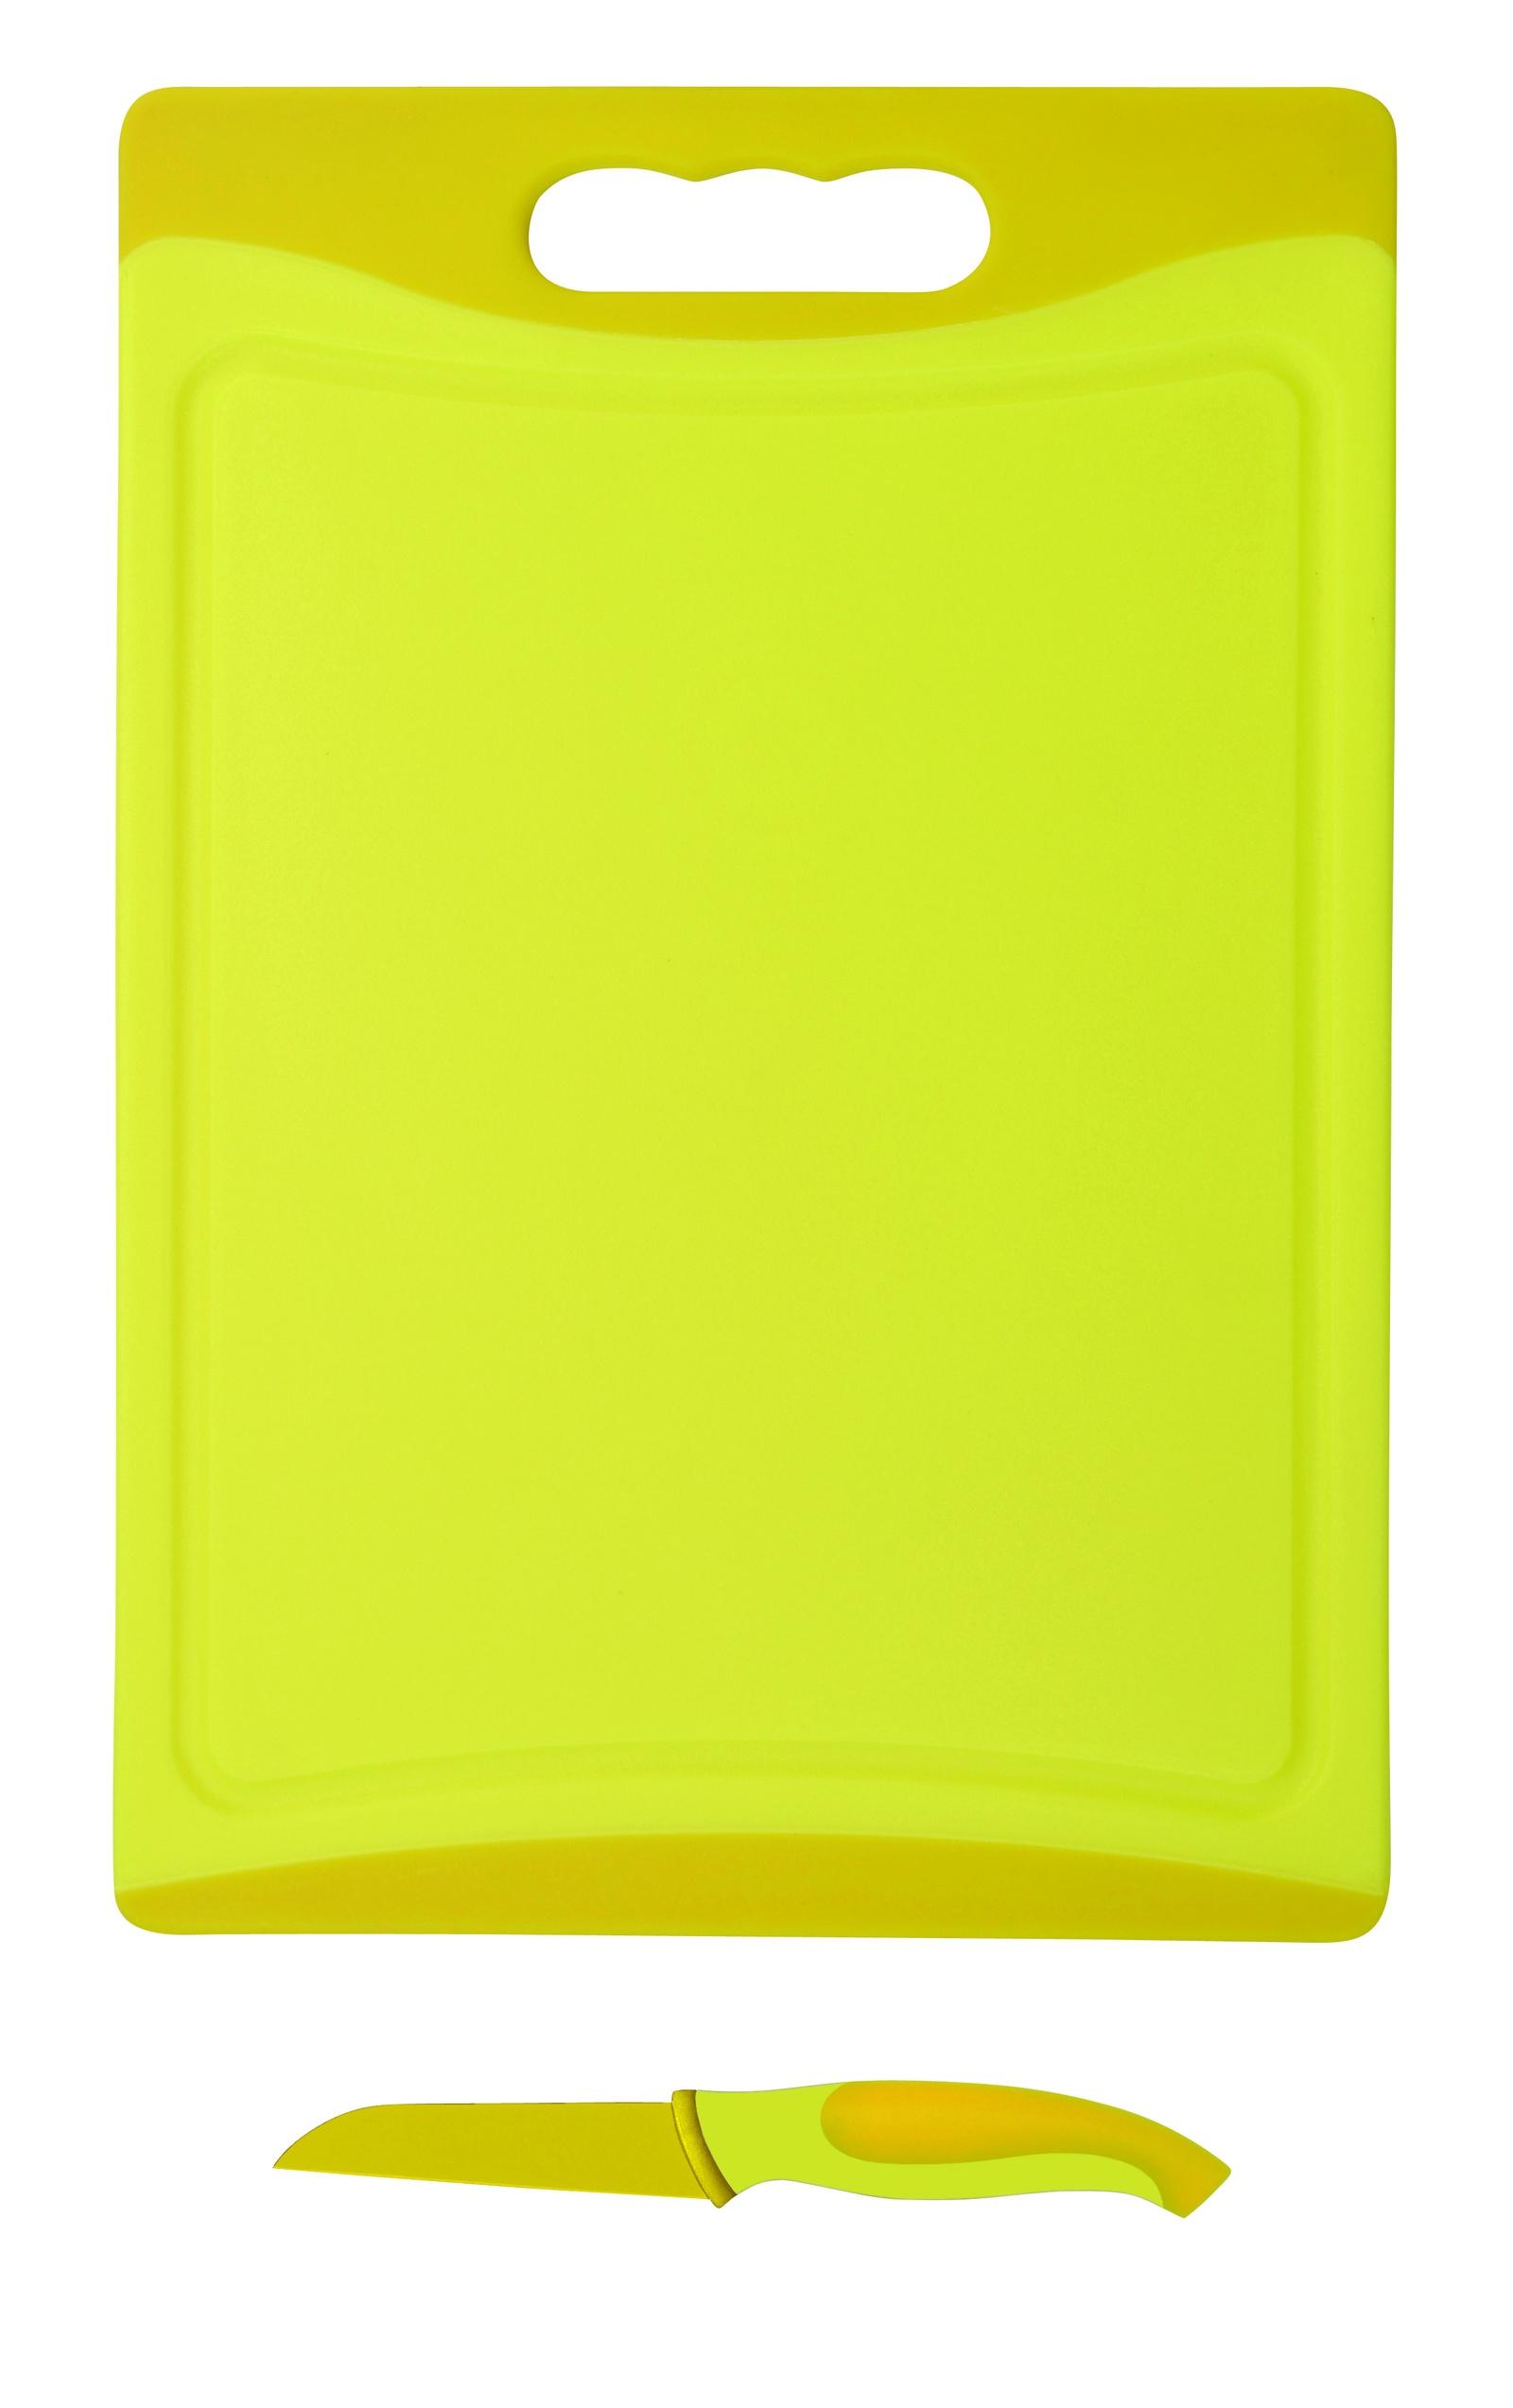 Набор ножей Bohmann BH-5212, 2 шт, 9см + доска разделочная, желтый разделочная доска домашний сундук гибкая цвет красный синий 2 шт